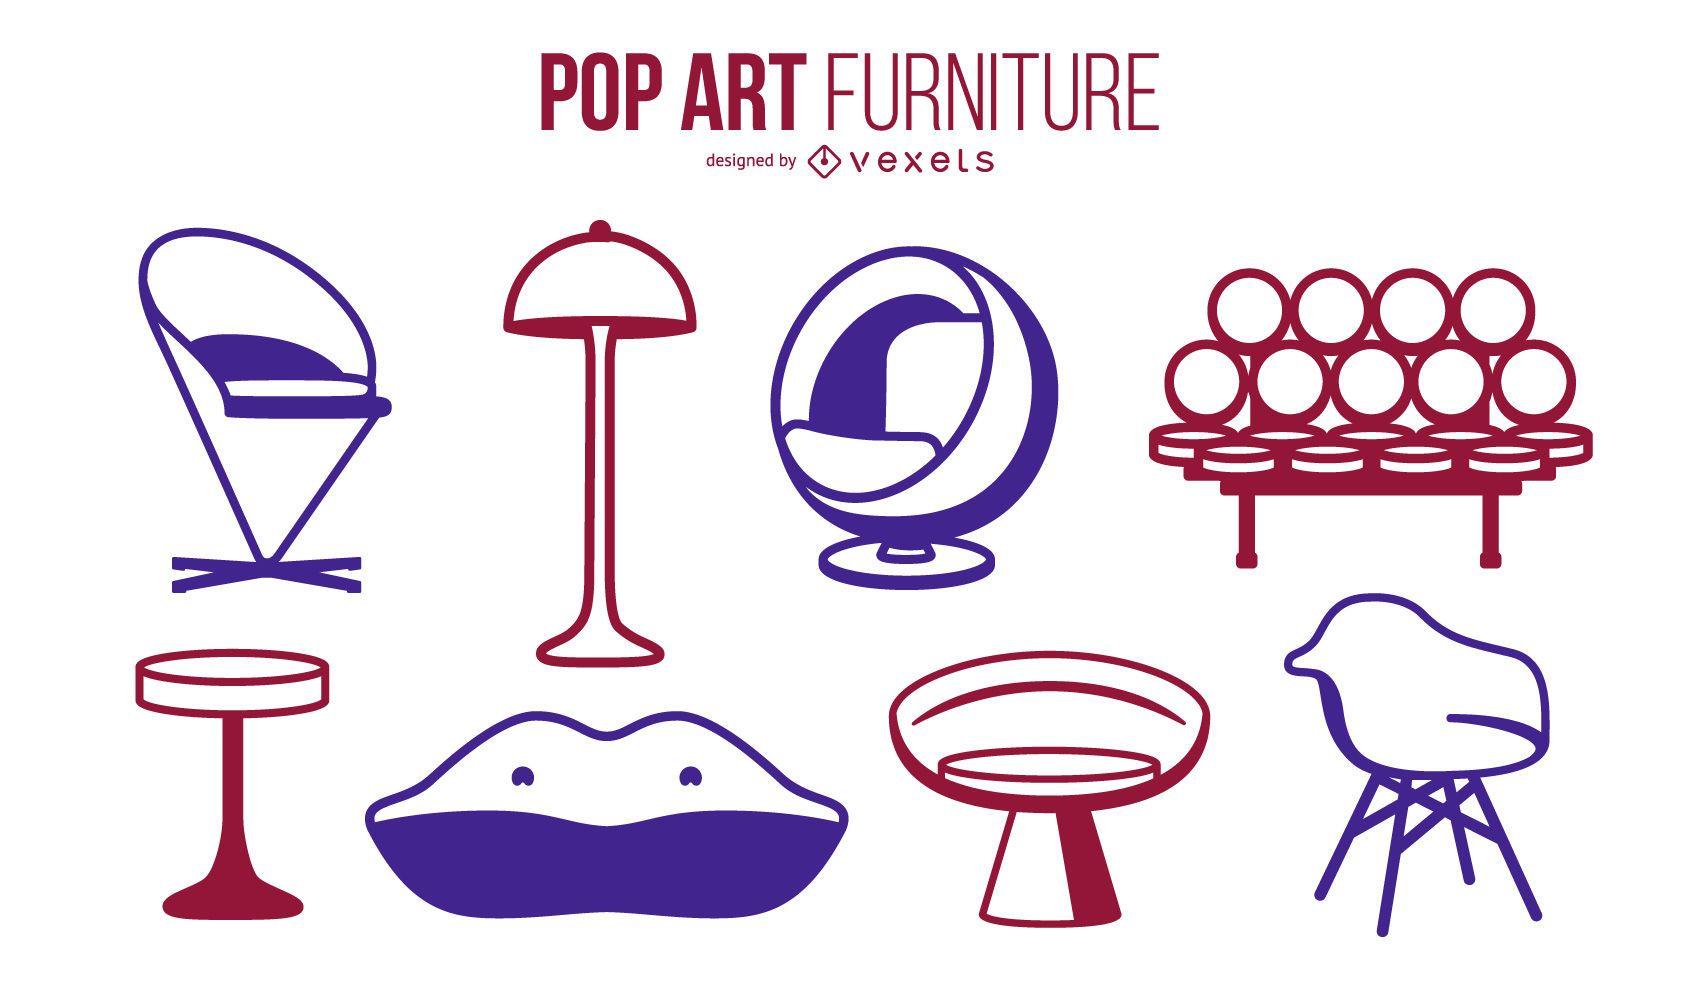 Conjunto de trazos de muebles de arte pop